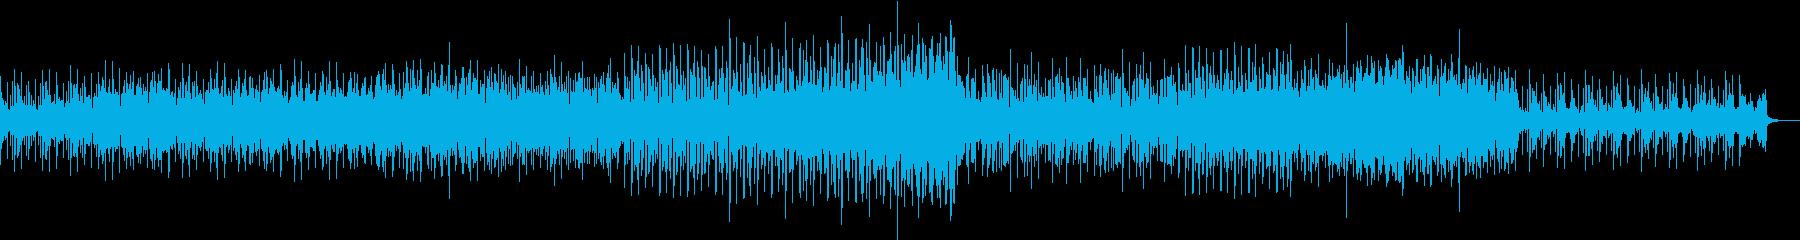 重厚なSynとSEQの緊迫感のある曲の再生済みの波形